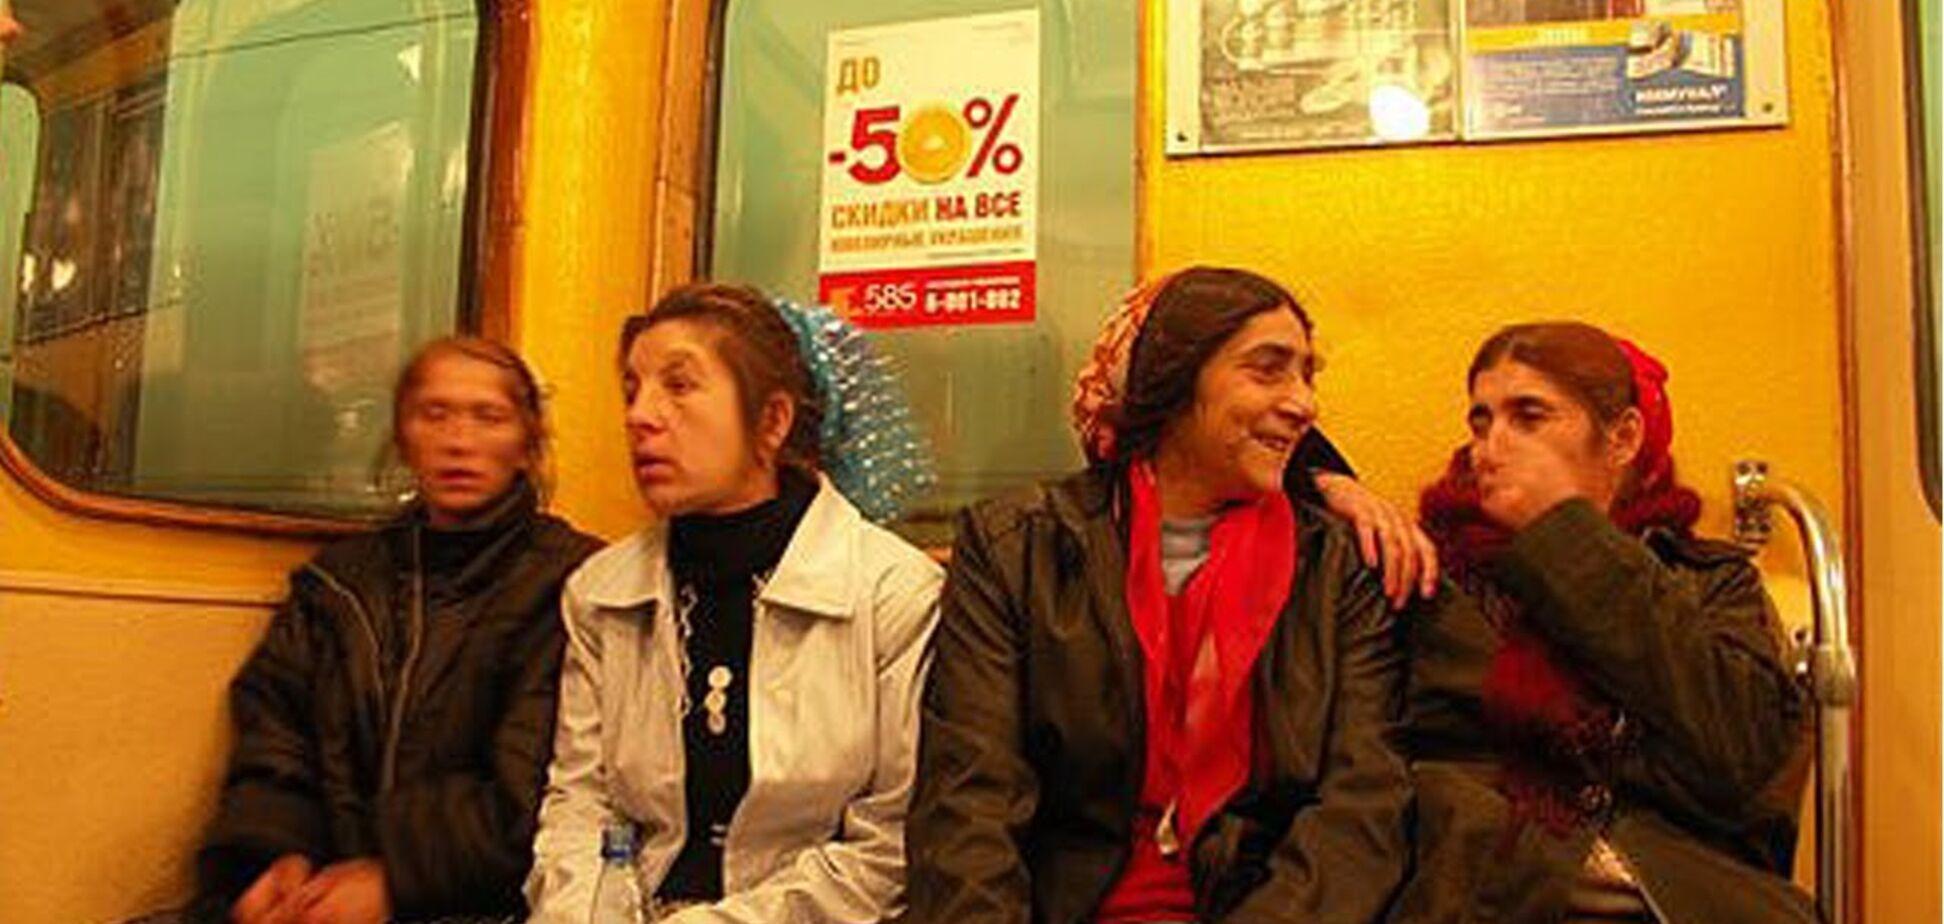 'Это нашествие!' Толпа ромов устроила беспредел в киевском метро